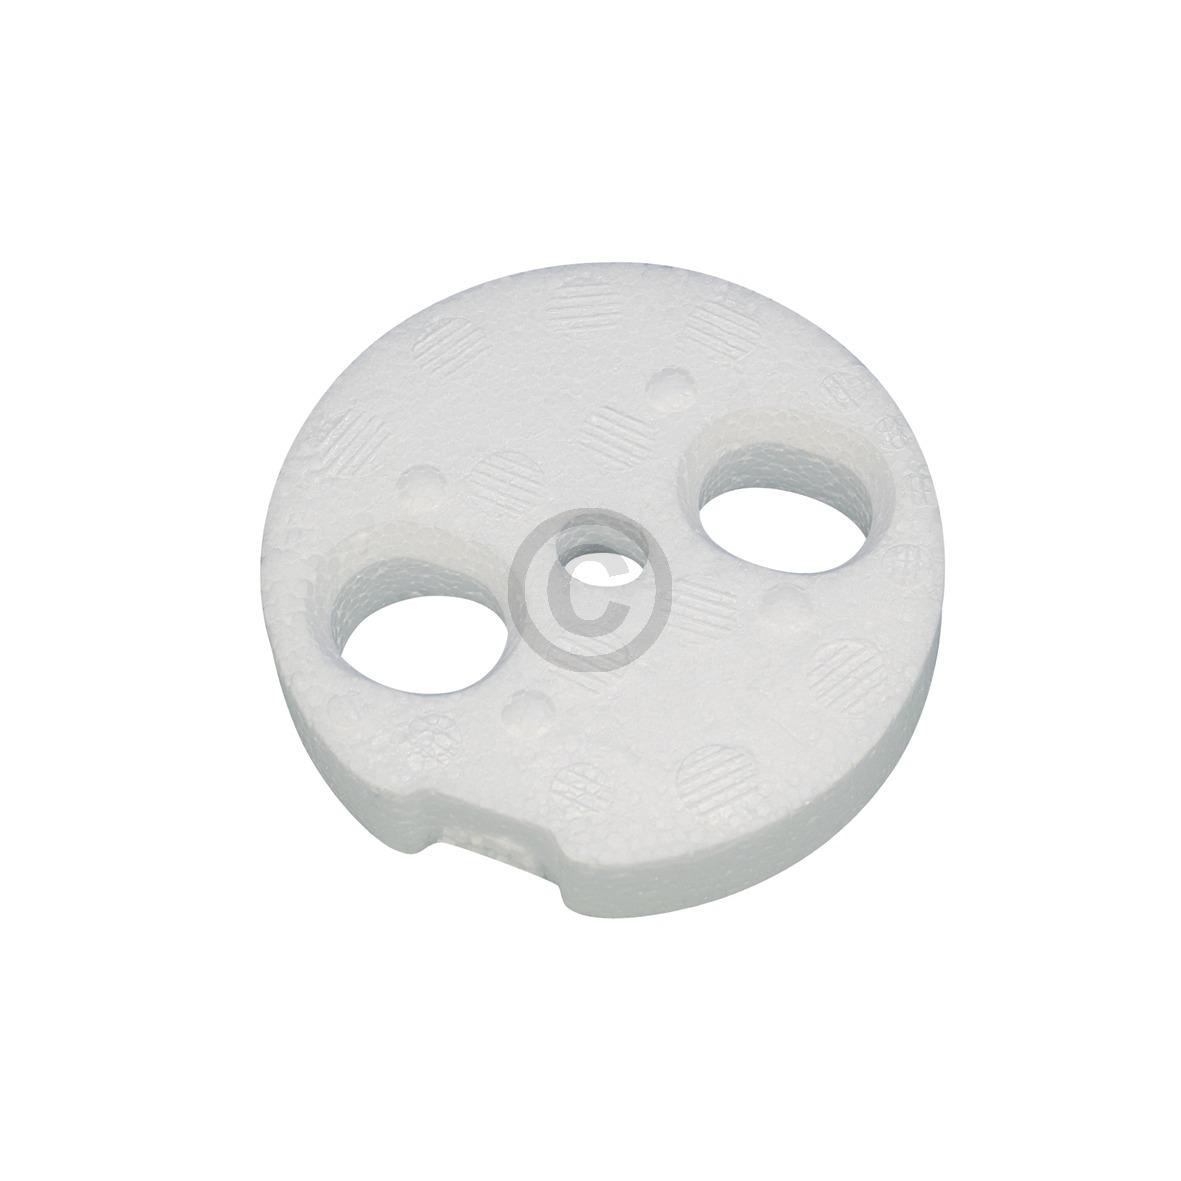 Schwimmer für Auffangschale 00165301 165301 Bosch, Siemens, Neff